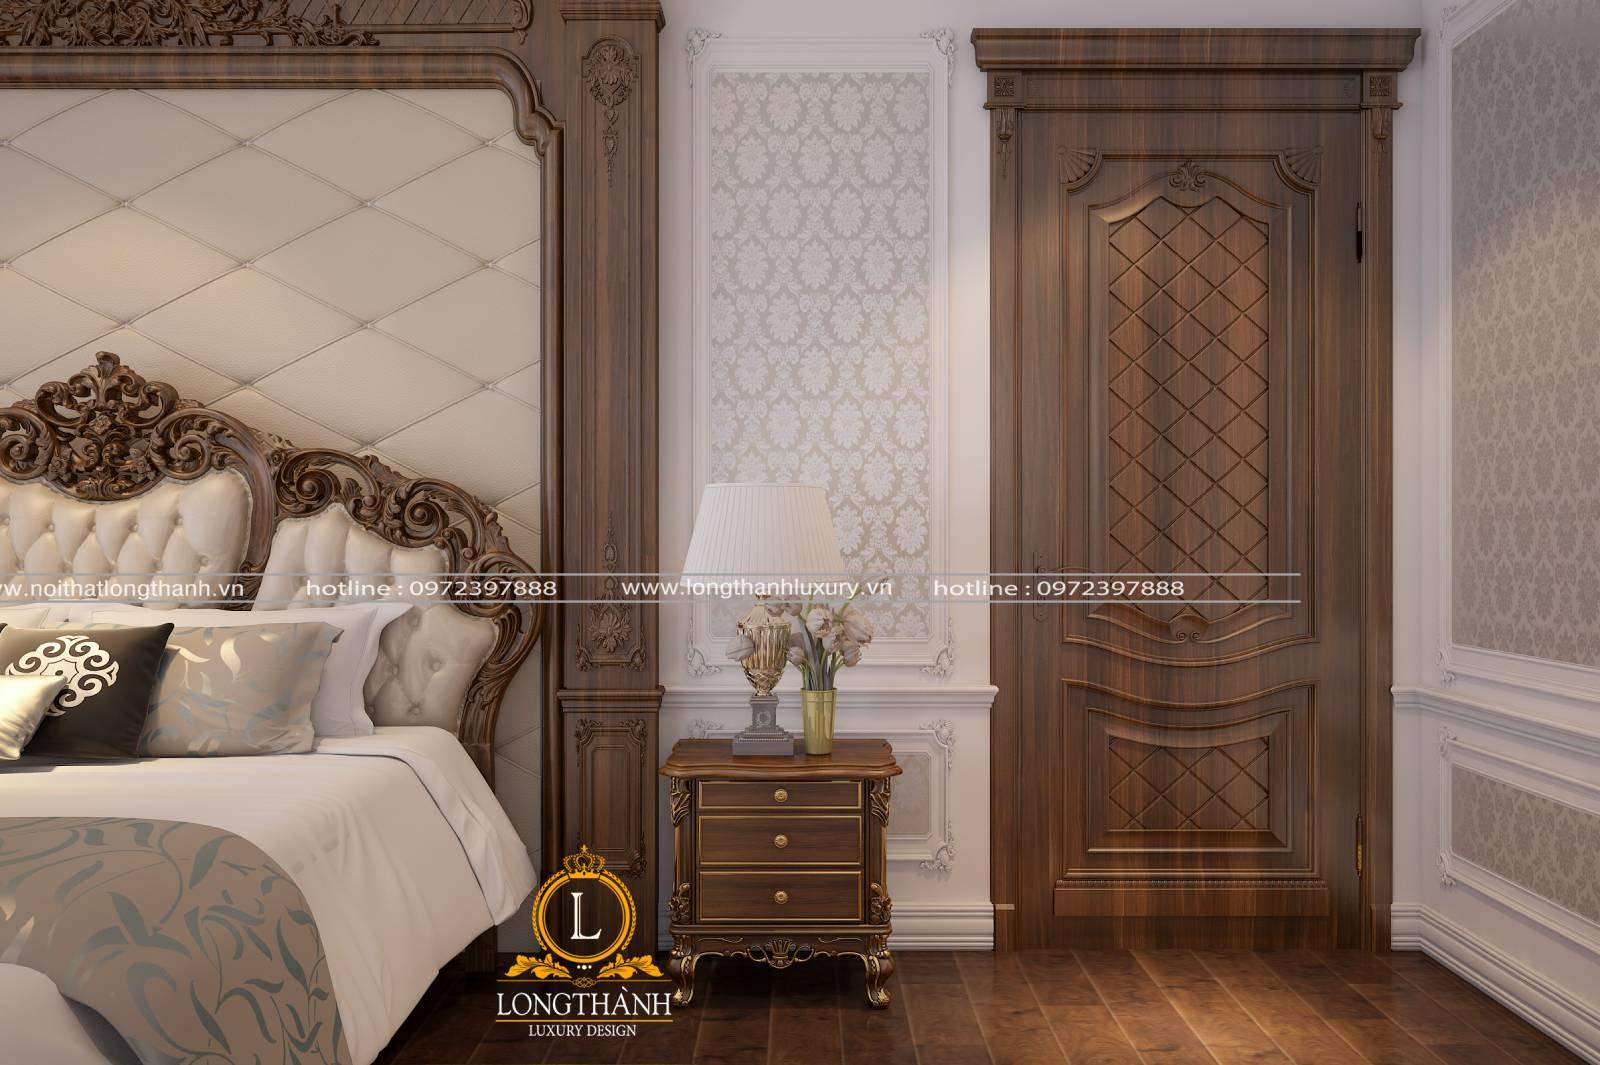 Mẫu cửa gỗ căm xe cho phòng ngủ với màu sắc và trang trí bắt mắt